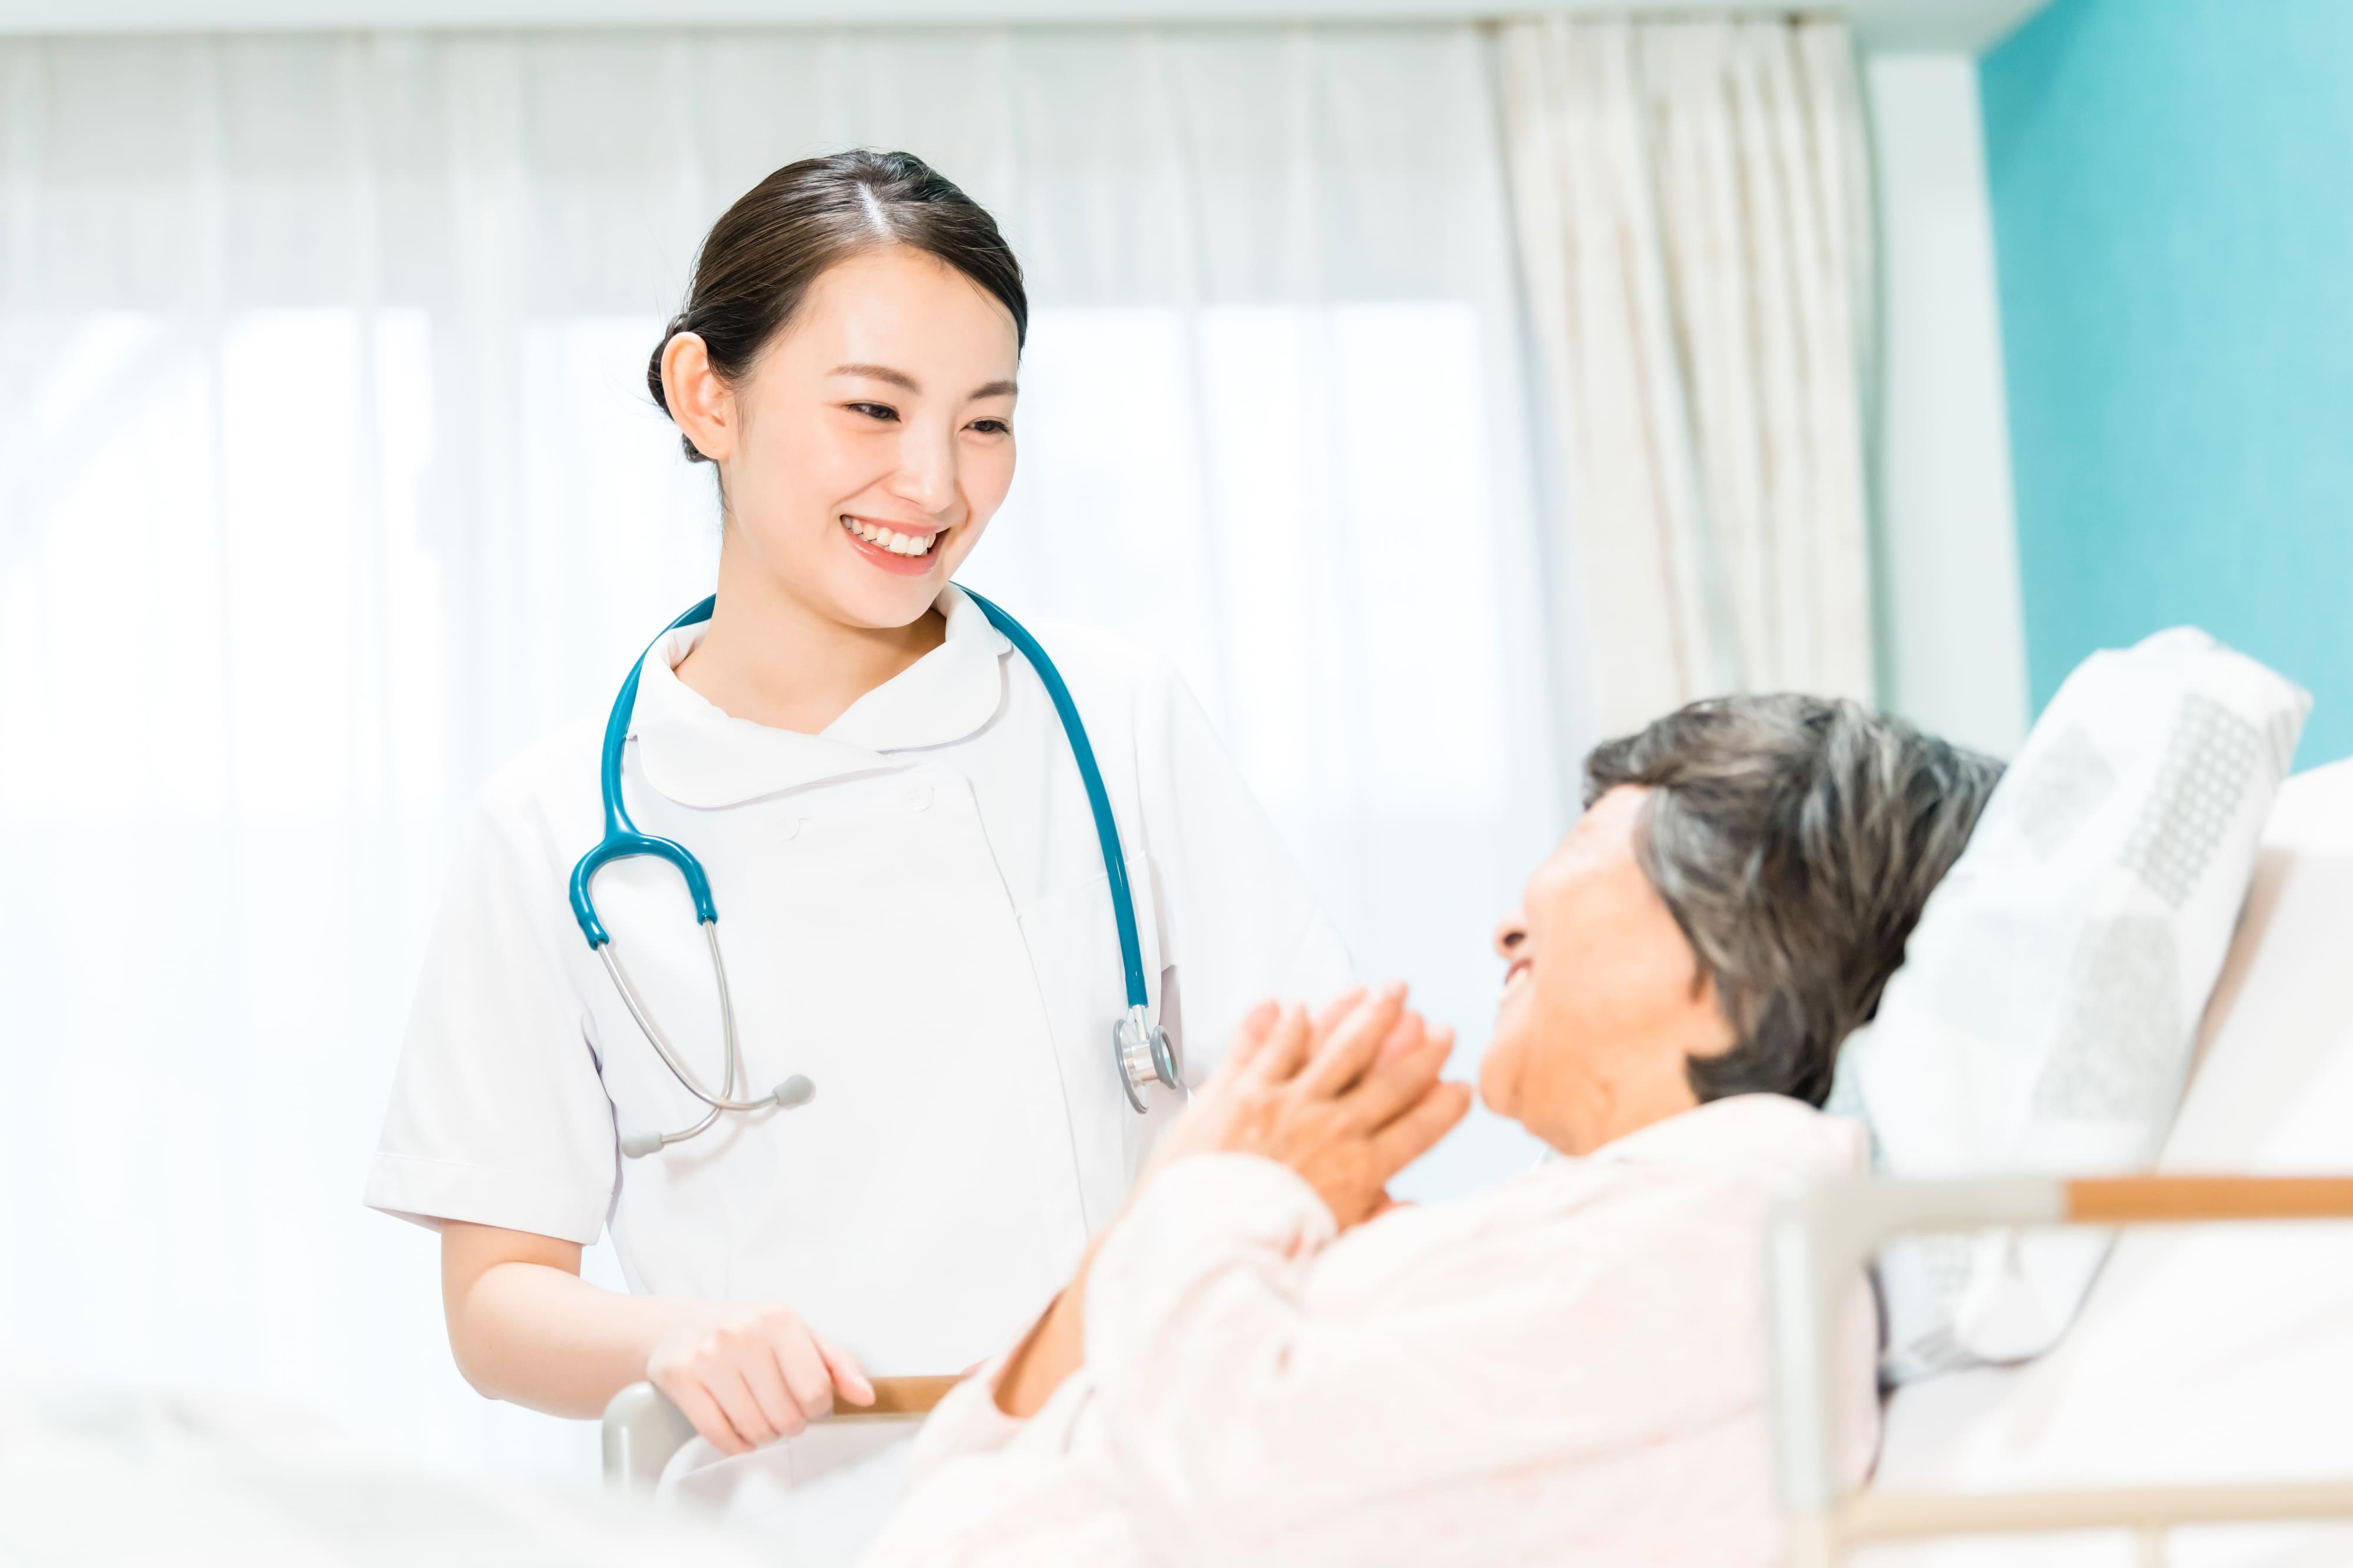 看護師特定行為研修に関する現状の課題、慢性期医療の質向上について